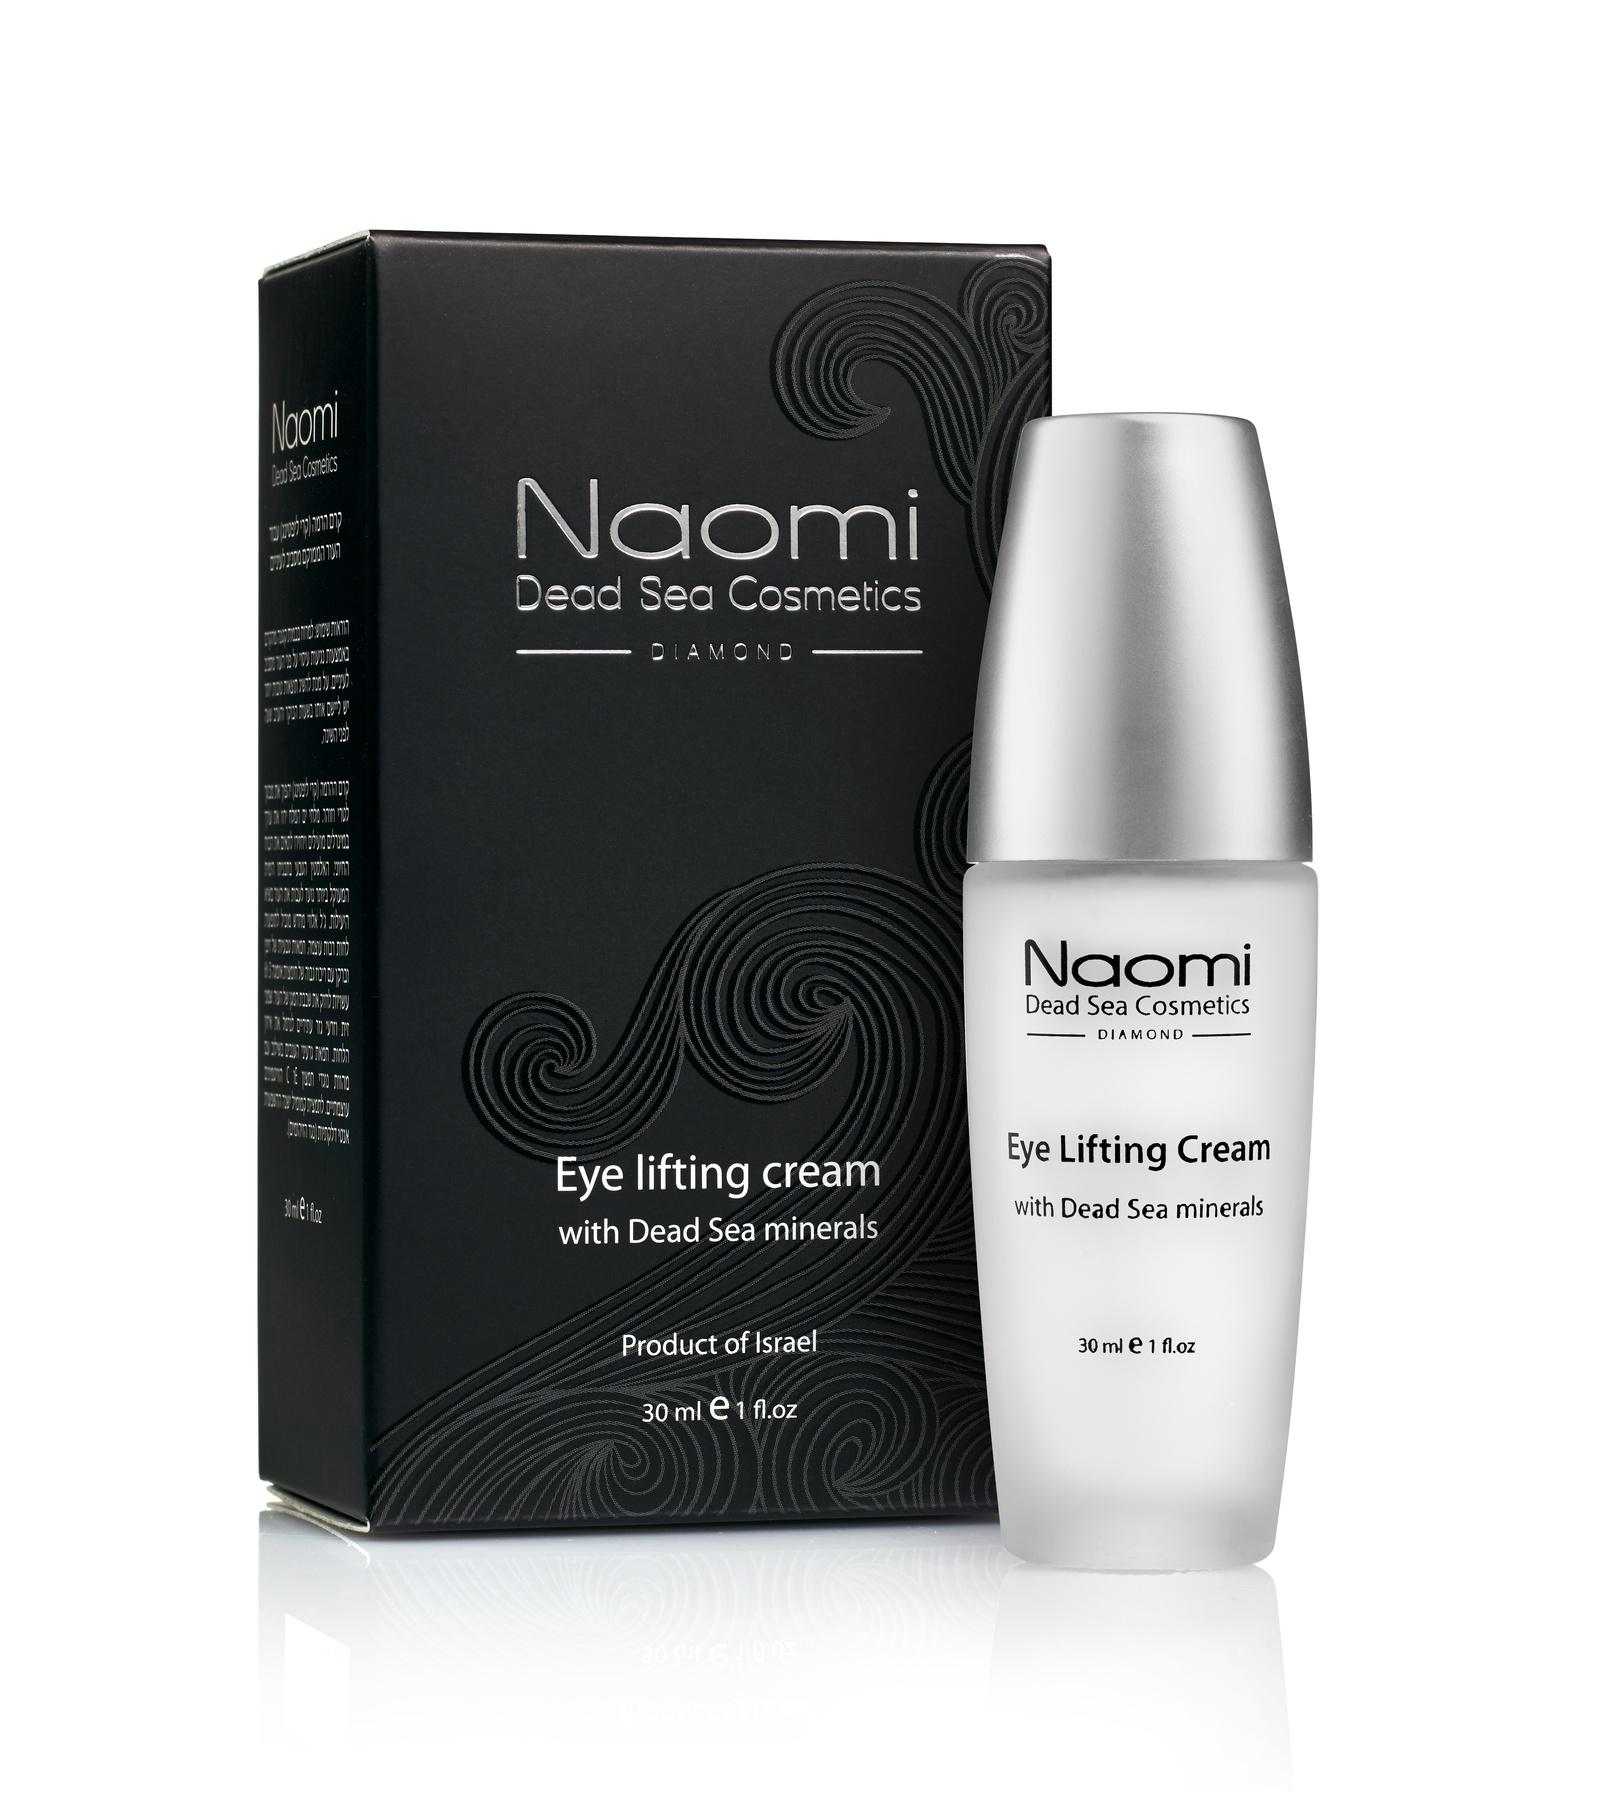 Лифтинг-крем для кожи вокруг глаз Naomi, с минералами Мертвого моря, 30 мл